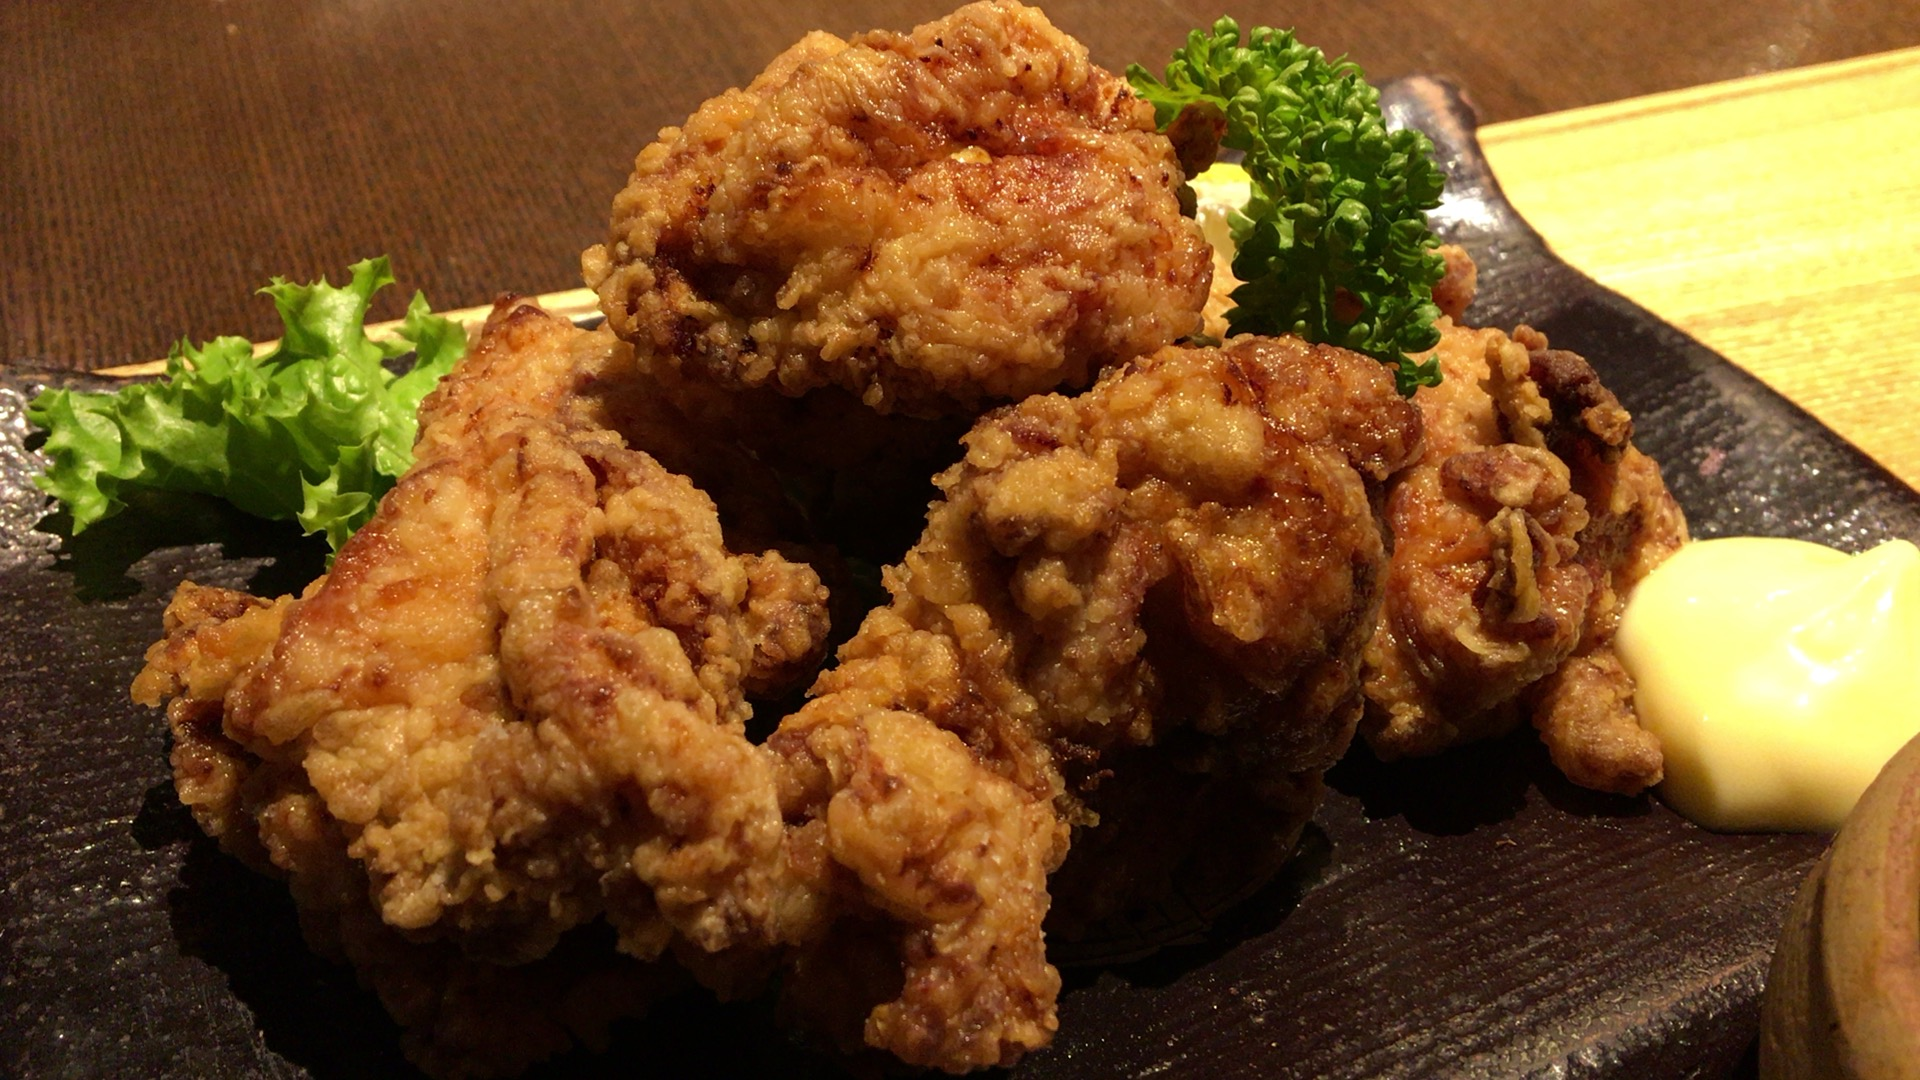 和総ランチ「桜島鶏のからあげ定食」、ジューシーなからあげを湧水米で楽しむ。